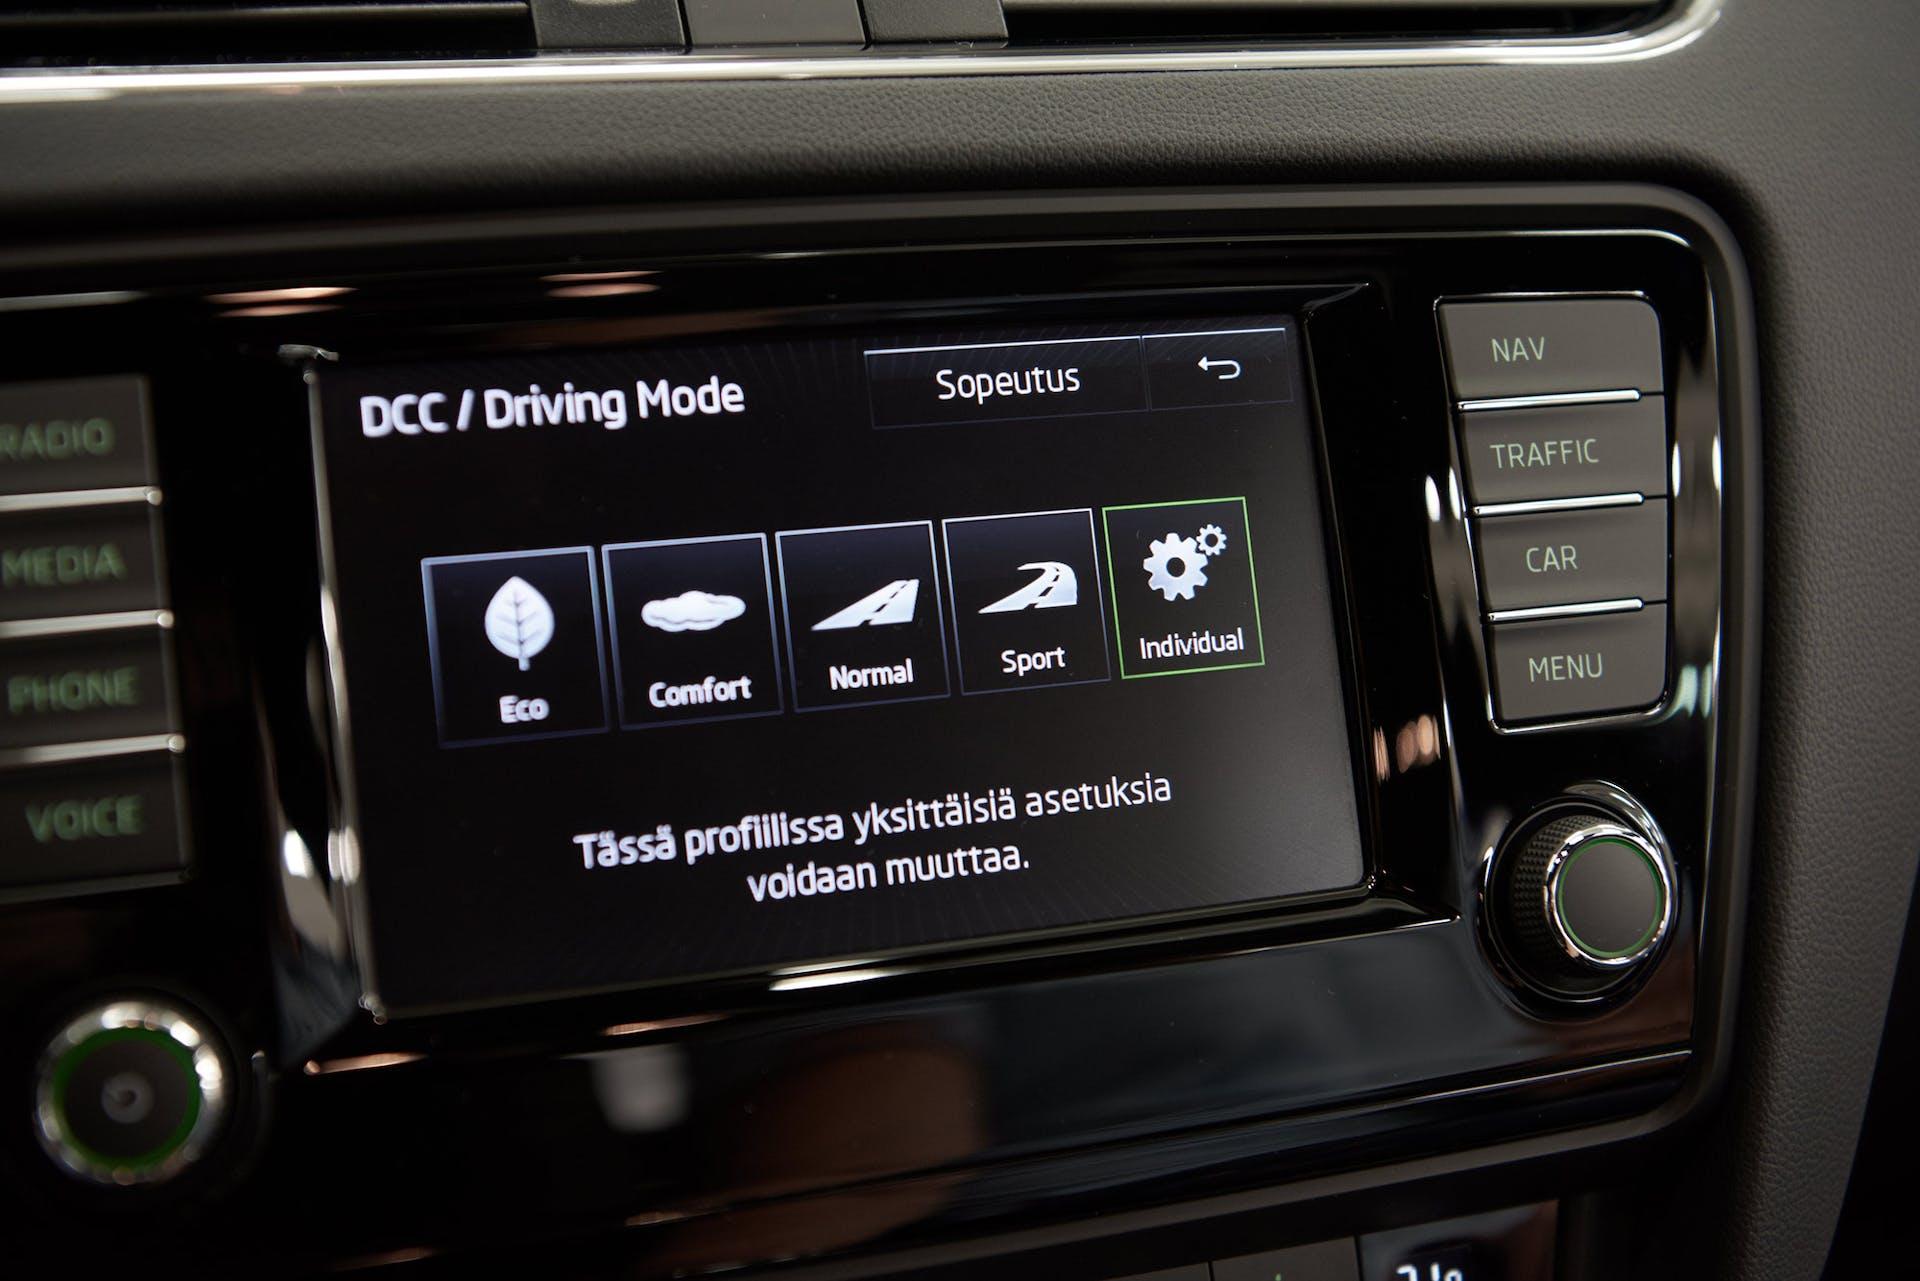 Ajoasetuksen valinta tarjoaa kuljettajalle mahdollisuuden löytää autosta eri luonteen tilanteesta riippuen. Lisävarustelistalta löytyy myös säädettävä DCC-alusta, joka mahdollistaa alustan säätämisen omien ajomieltymysten ja olosuhteiden mukaan.